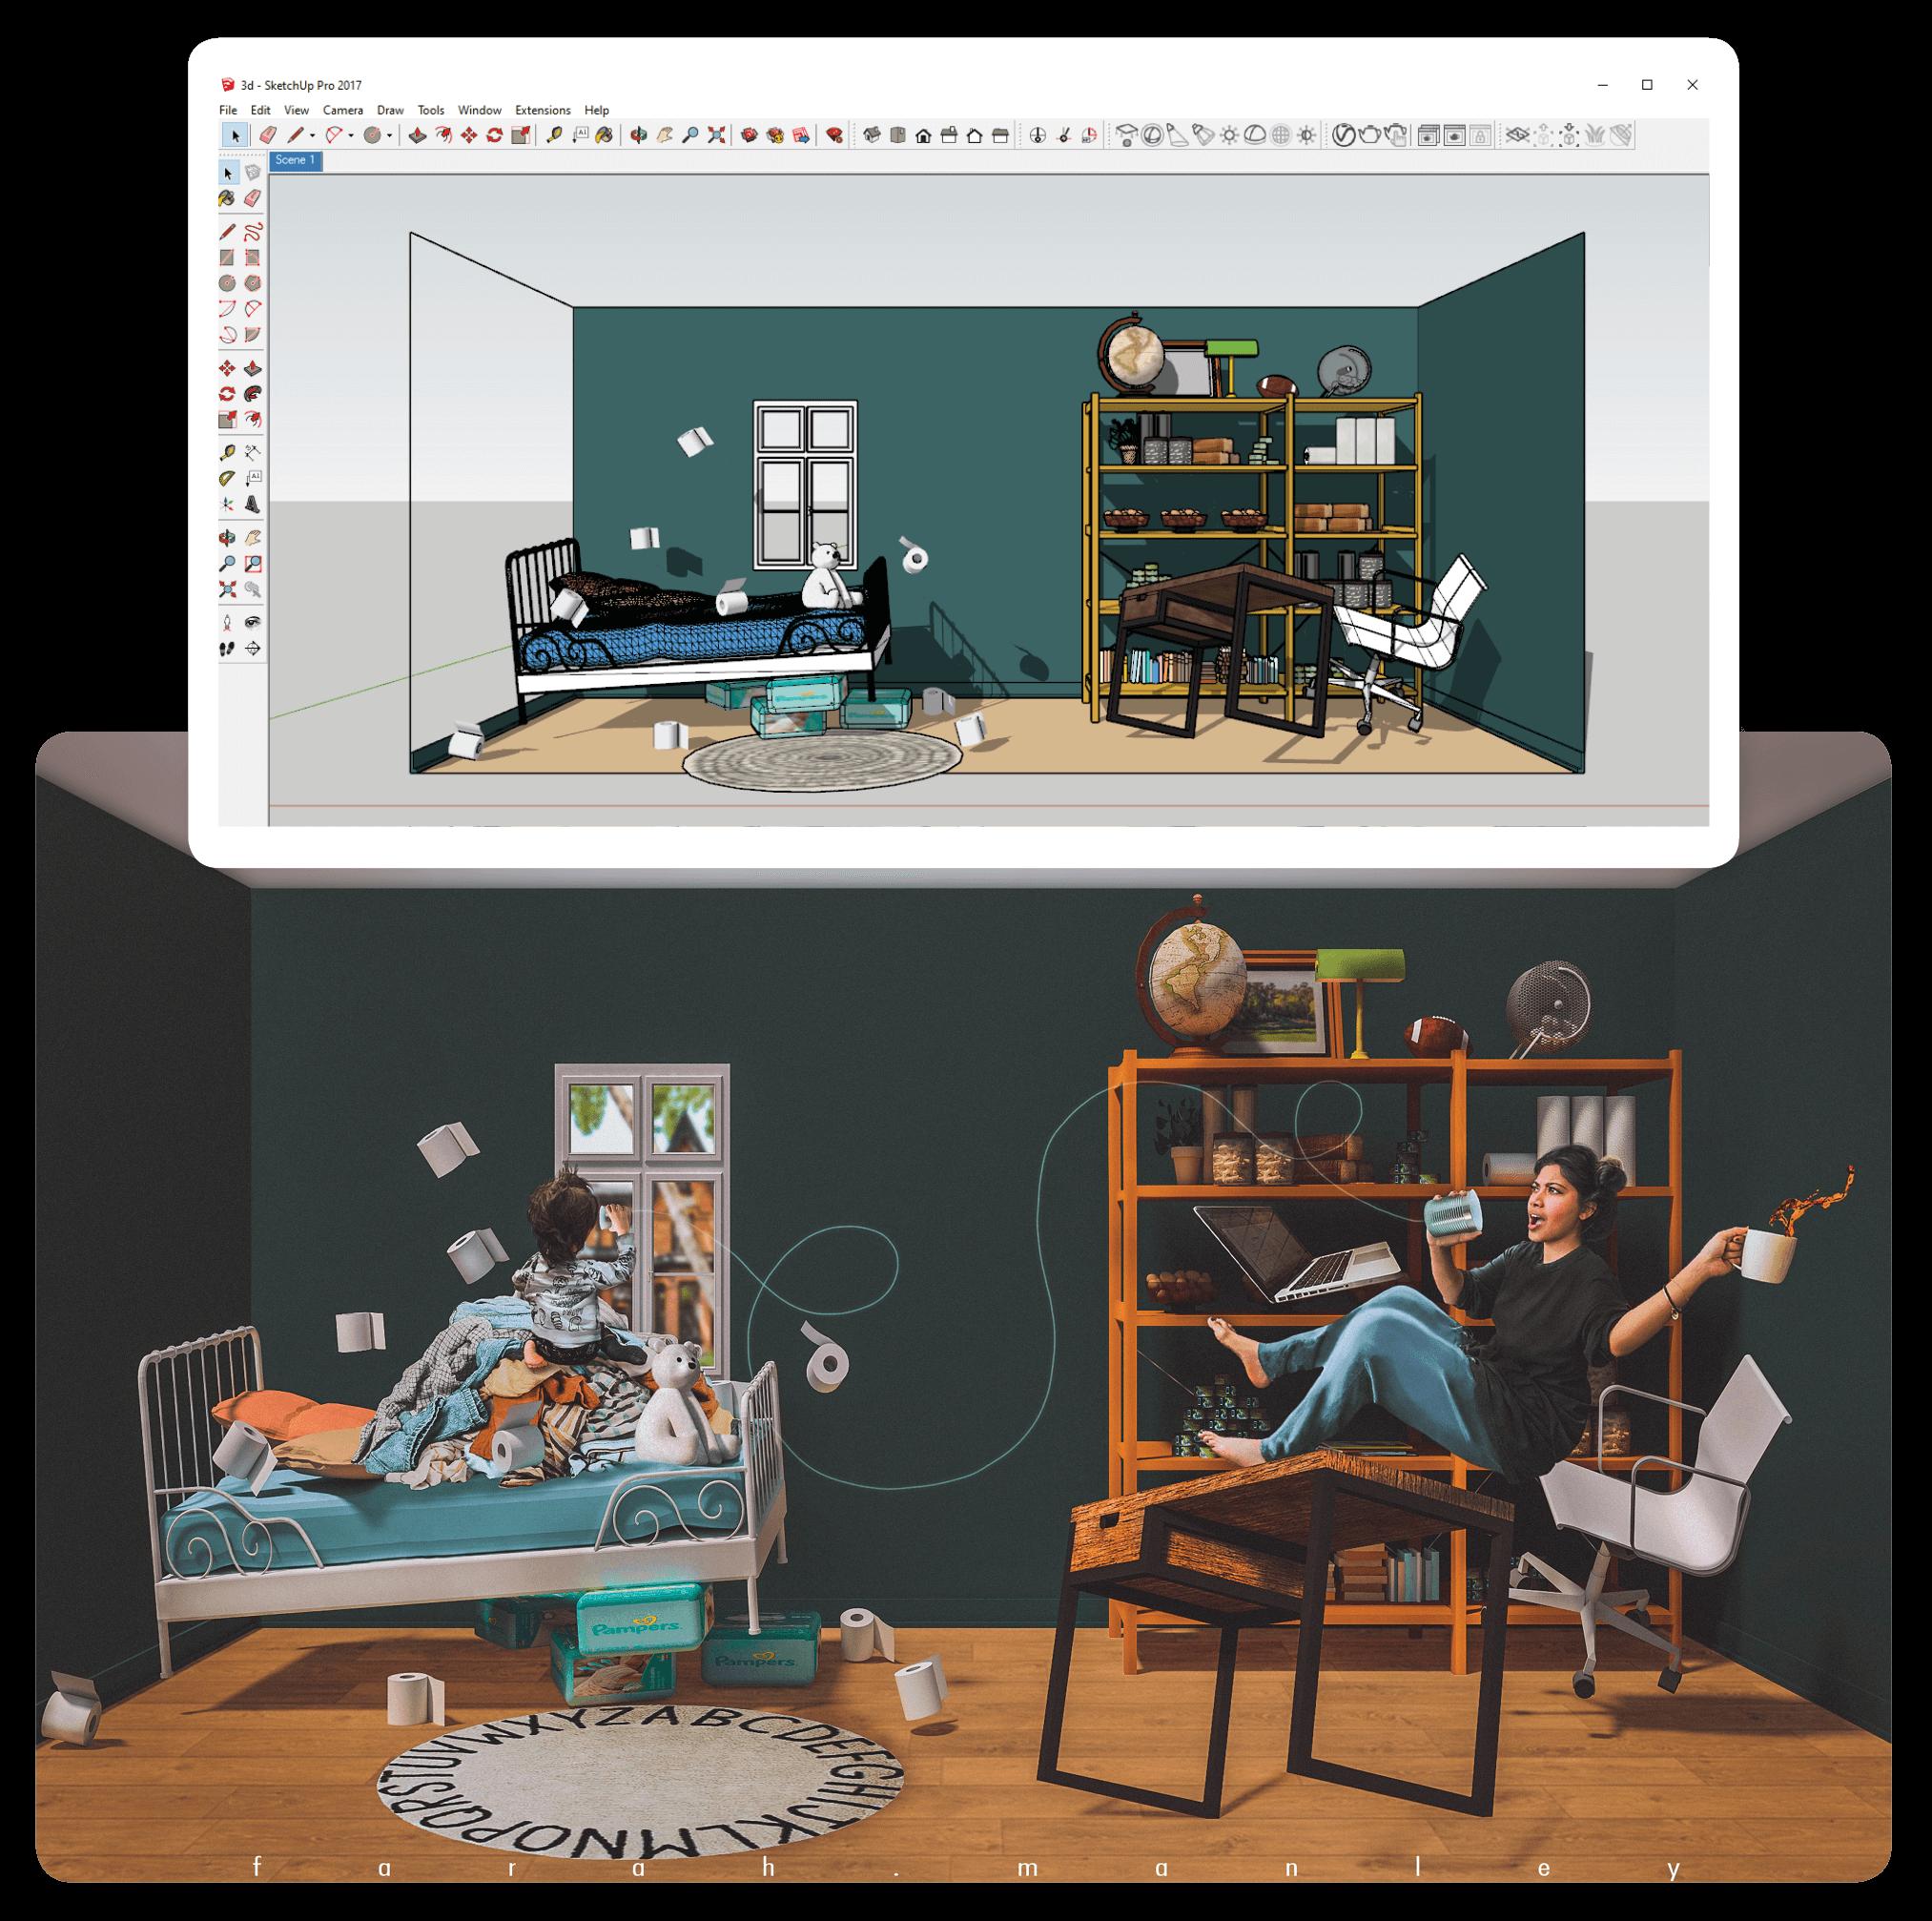 Esboço conceitual em software 3D para arte finalizada composta no Photoshop